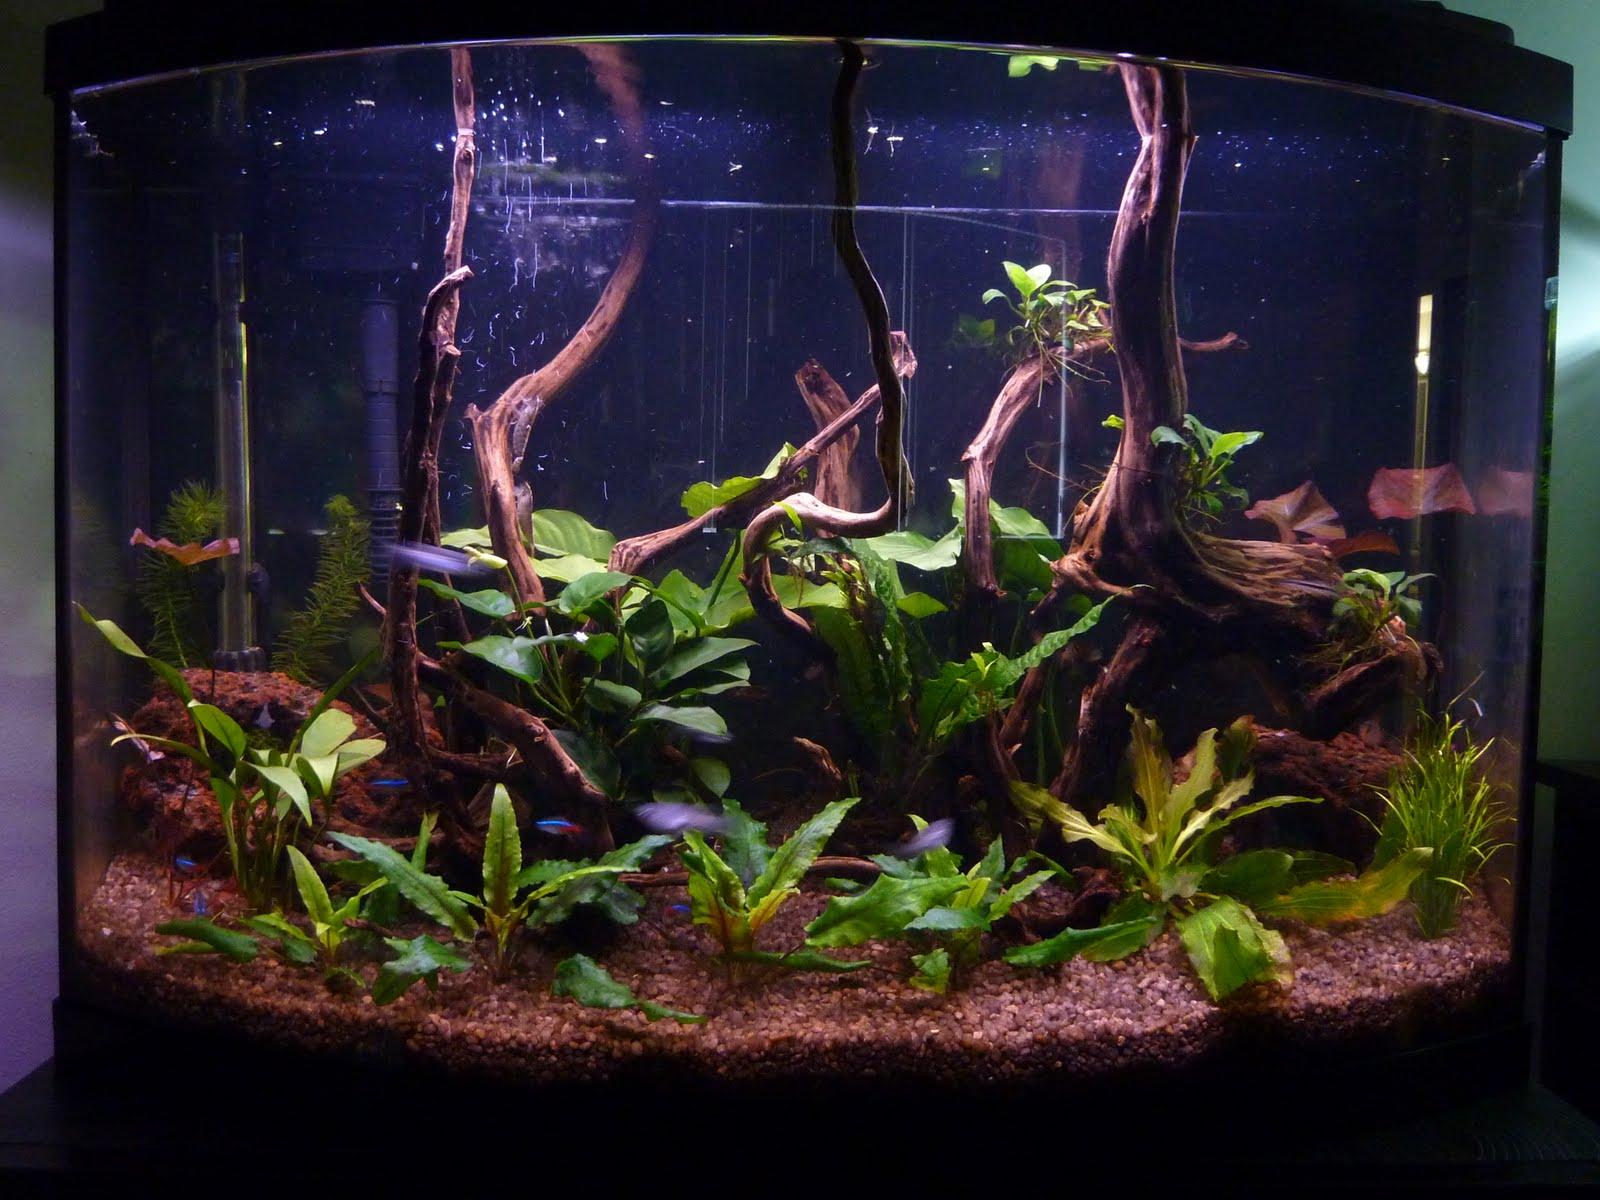 10 Gallon Neon Tetra Tank Fish: 7 x neon tetra,